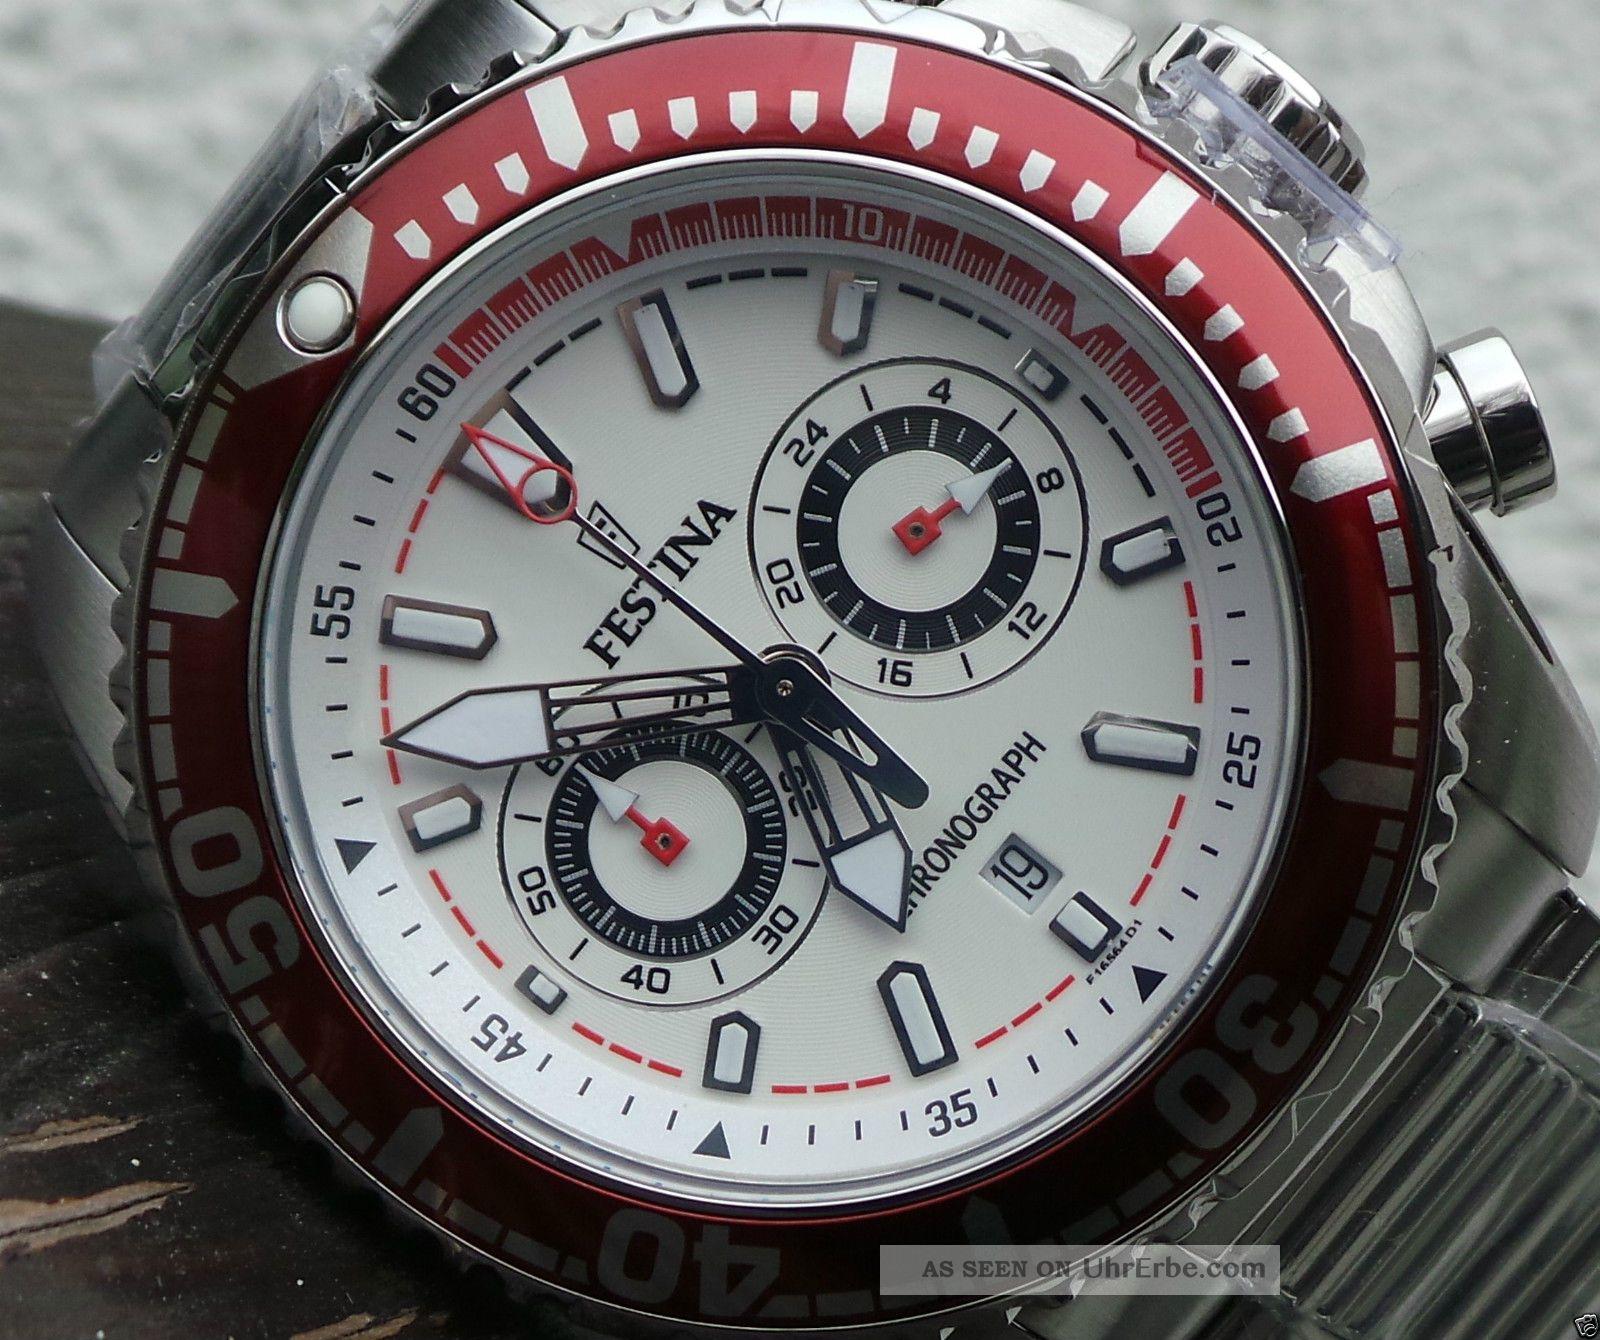 Festina Herrenuhr,  Chronograph,  Datumsanzeig,  46mm Durchmesser 100m Wasserdicht Armbanduhren Bild